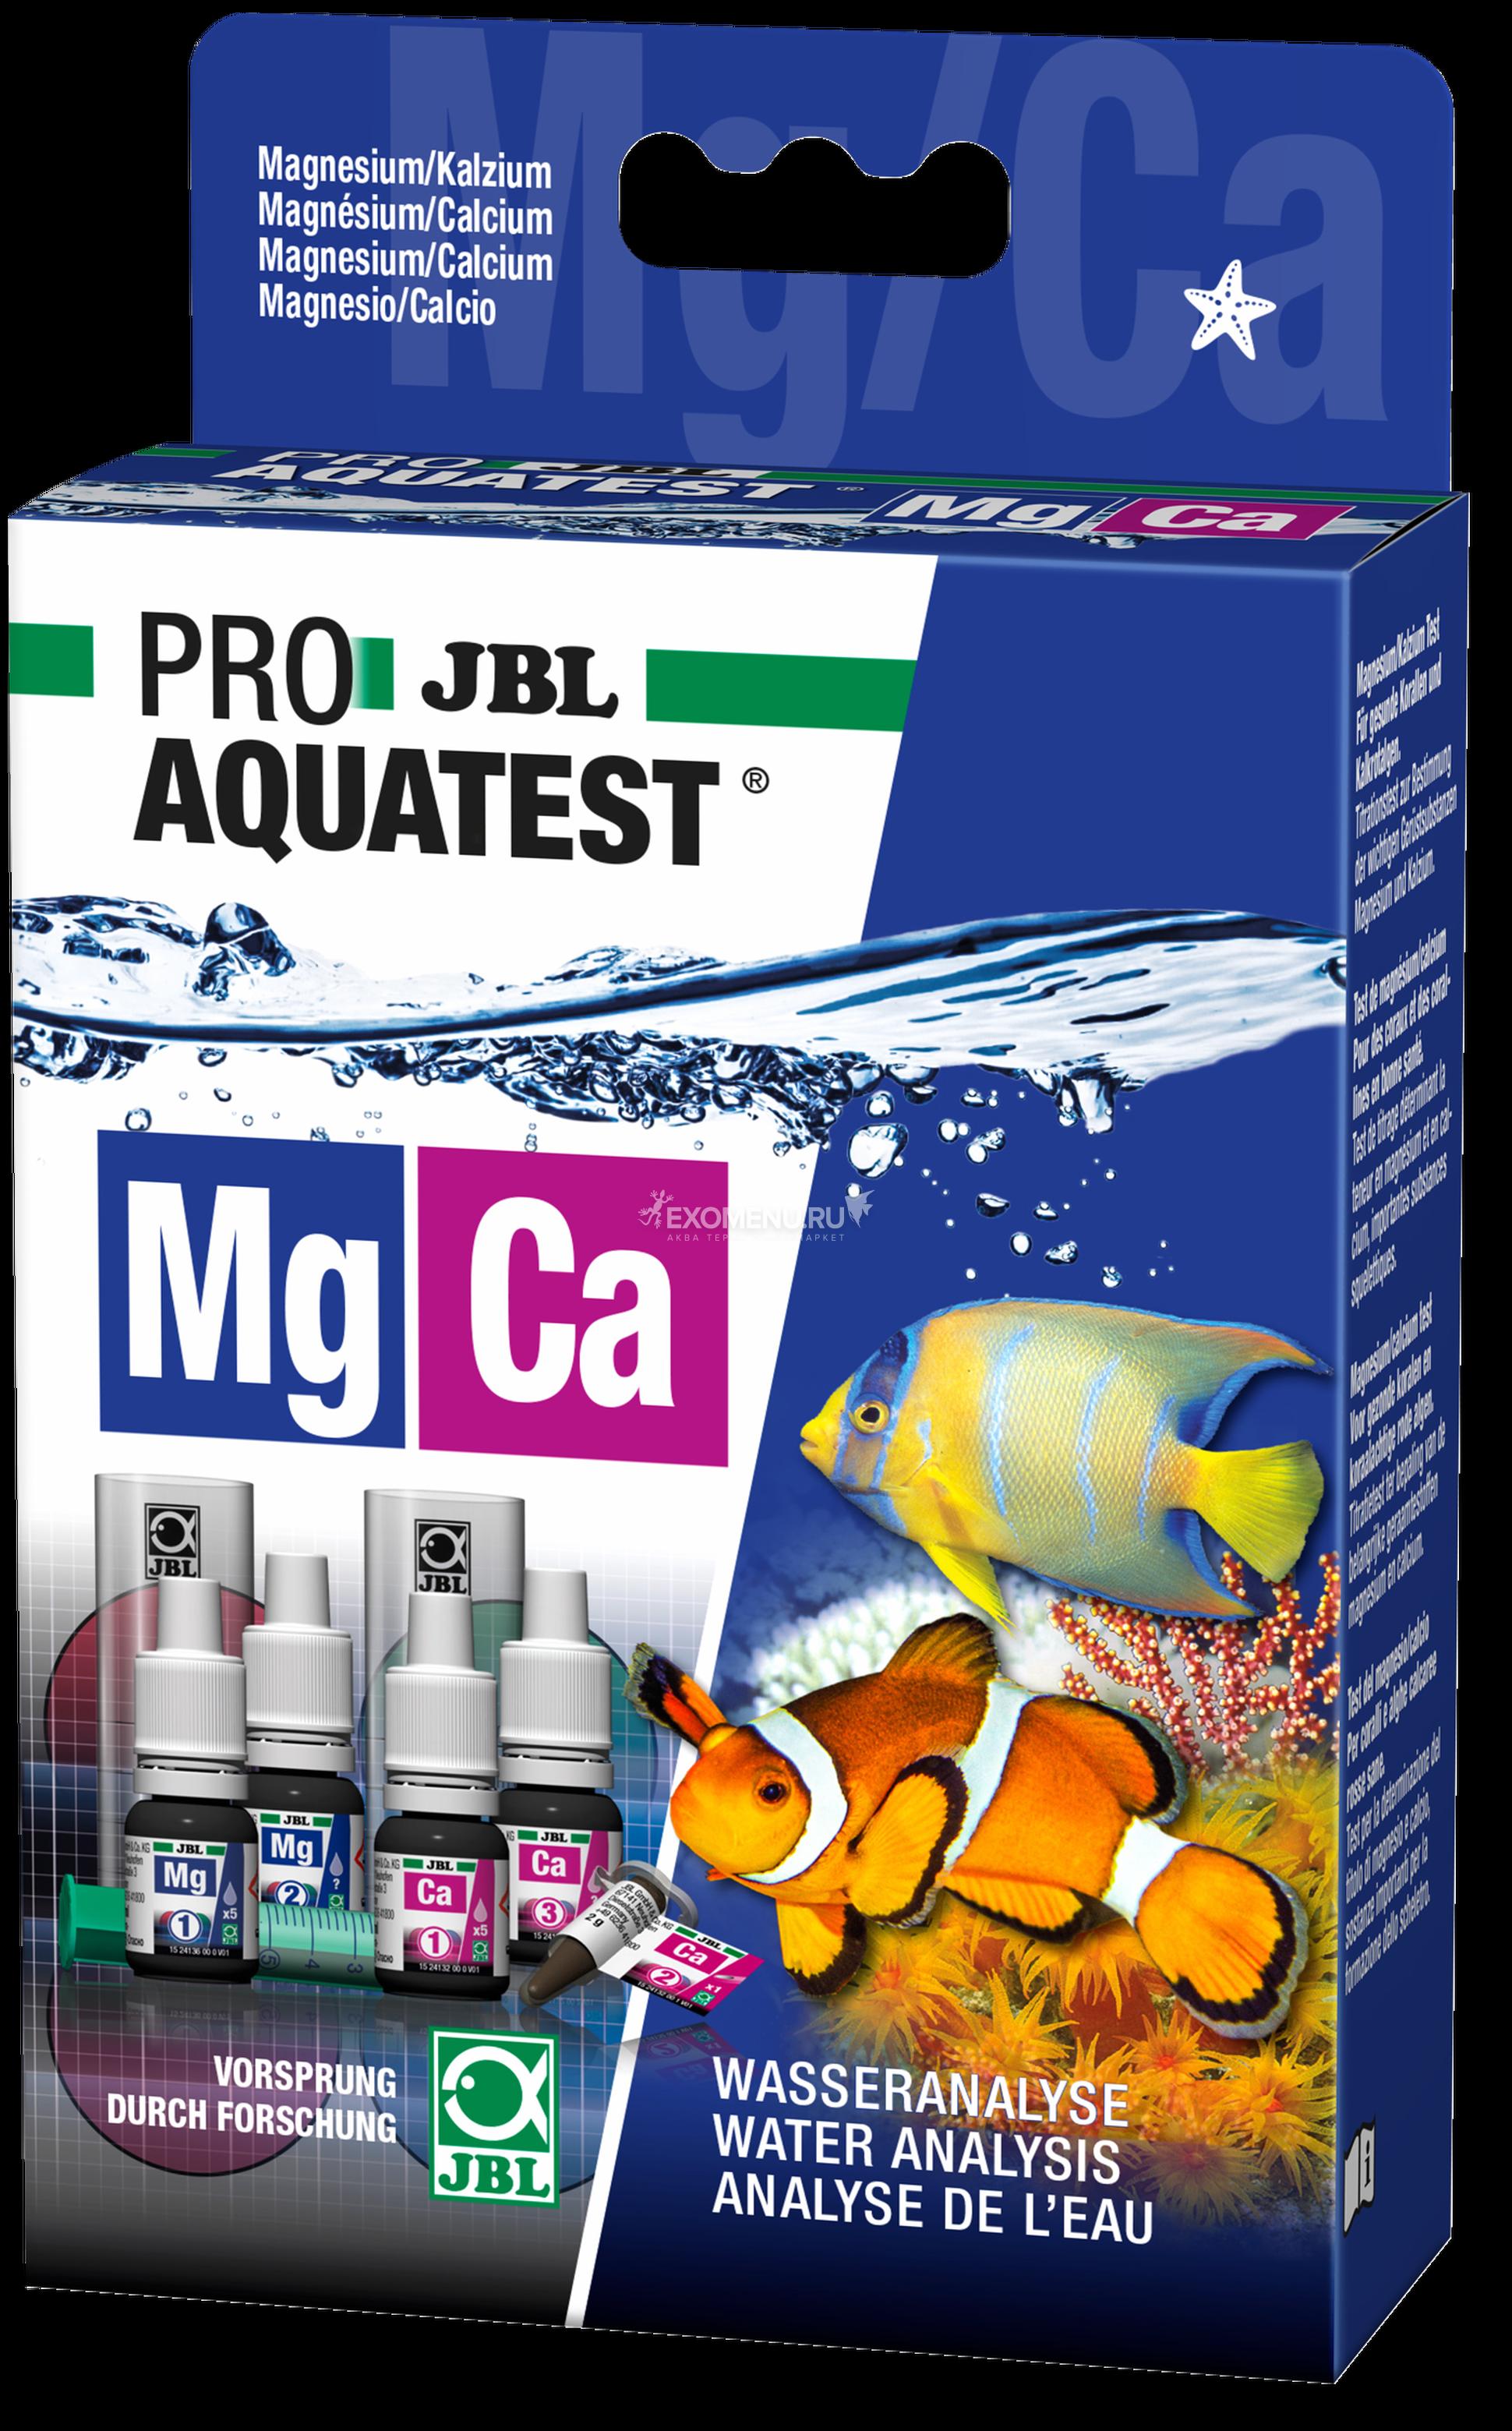 JBL ProAquaTest Mg/Ca Magnesium/Calcium - Экспресс-тест для определения содержания магния и кальция в морской воде